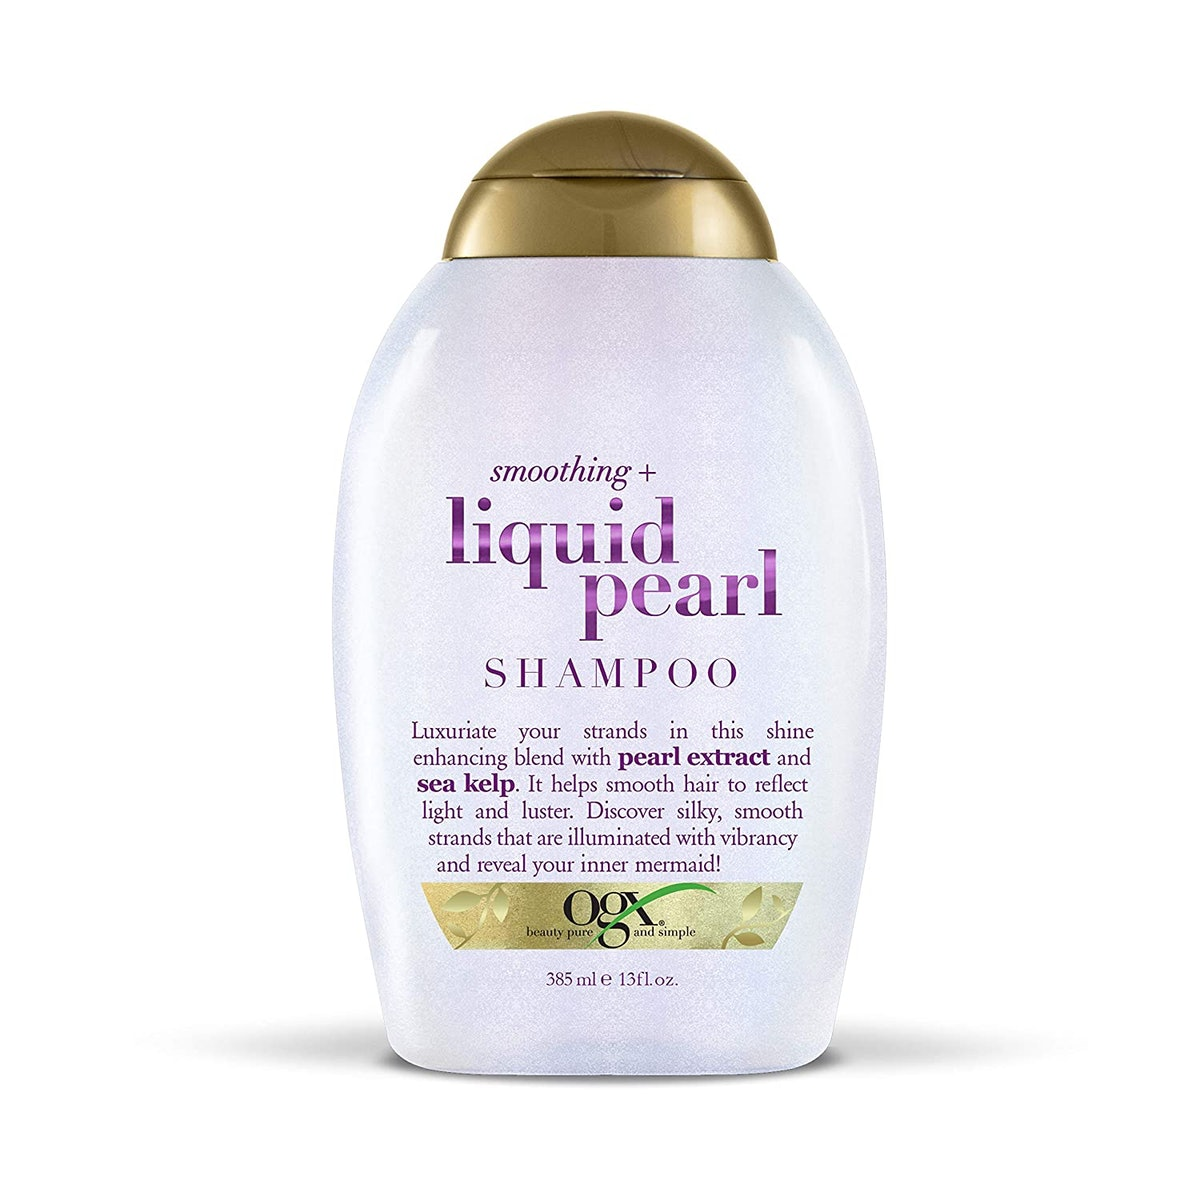 OGX Smoothing + Liquid Pearl Shampoo